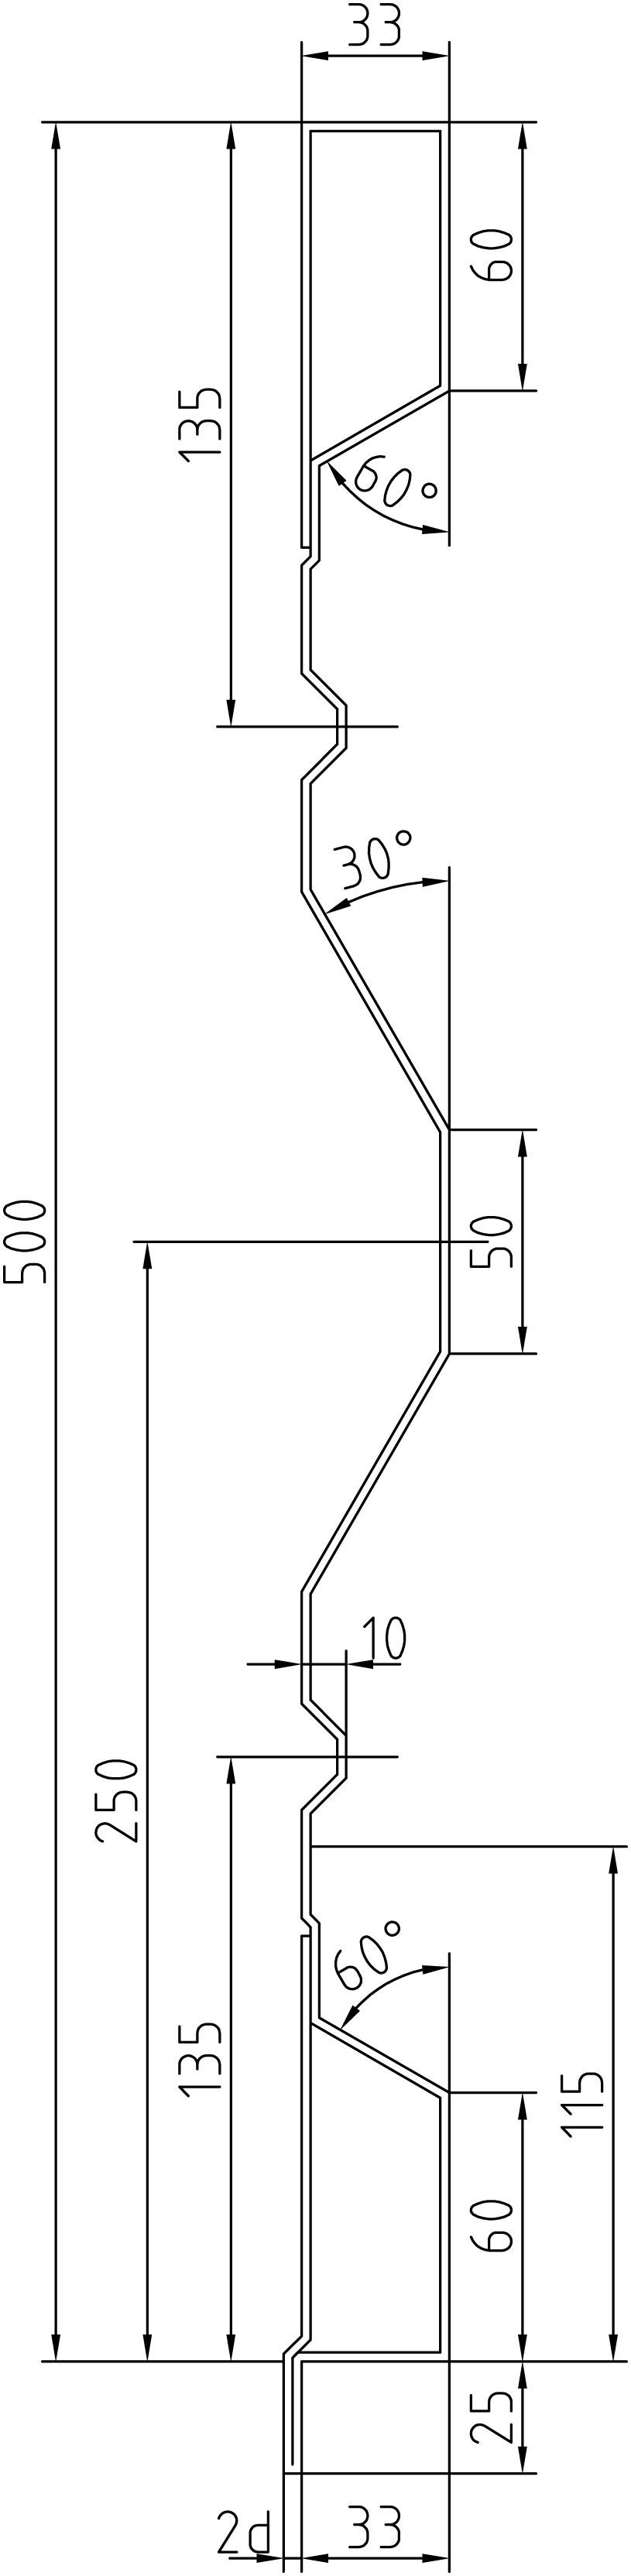 Brantner Kipper und Anhänger - AKmE HVAK 500x2 2238 Winkel 40/20/5